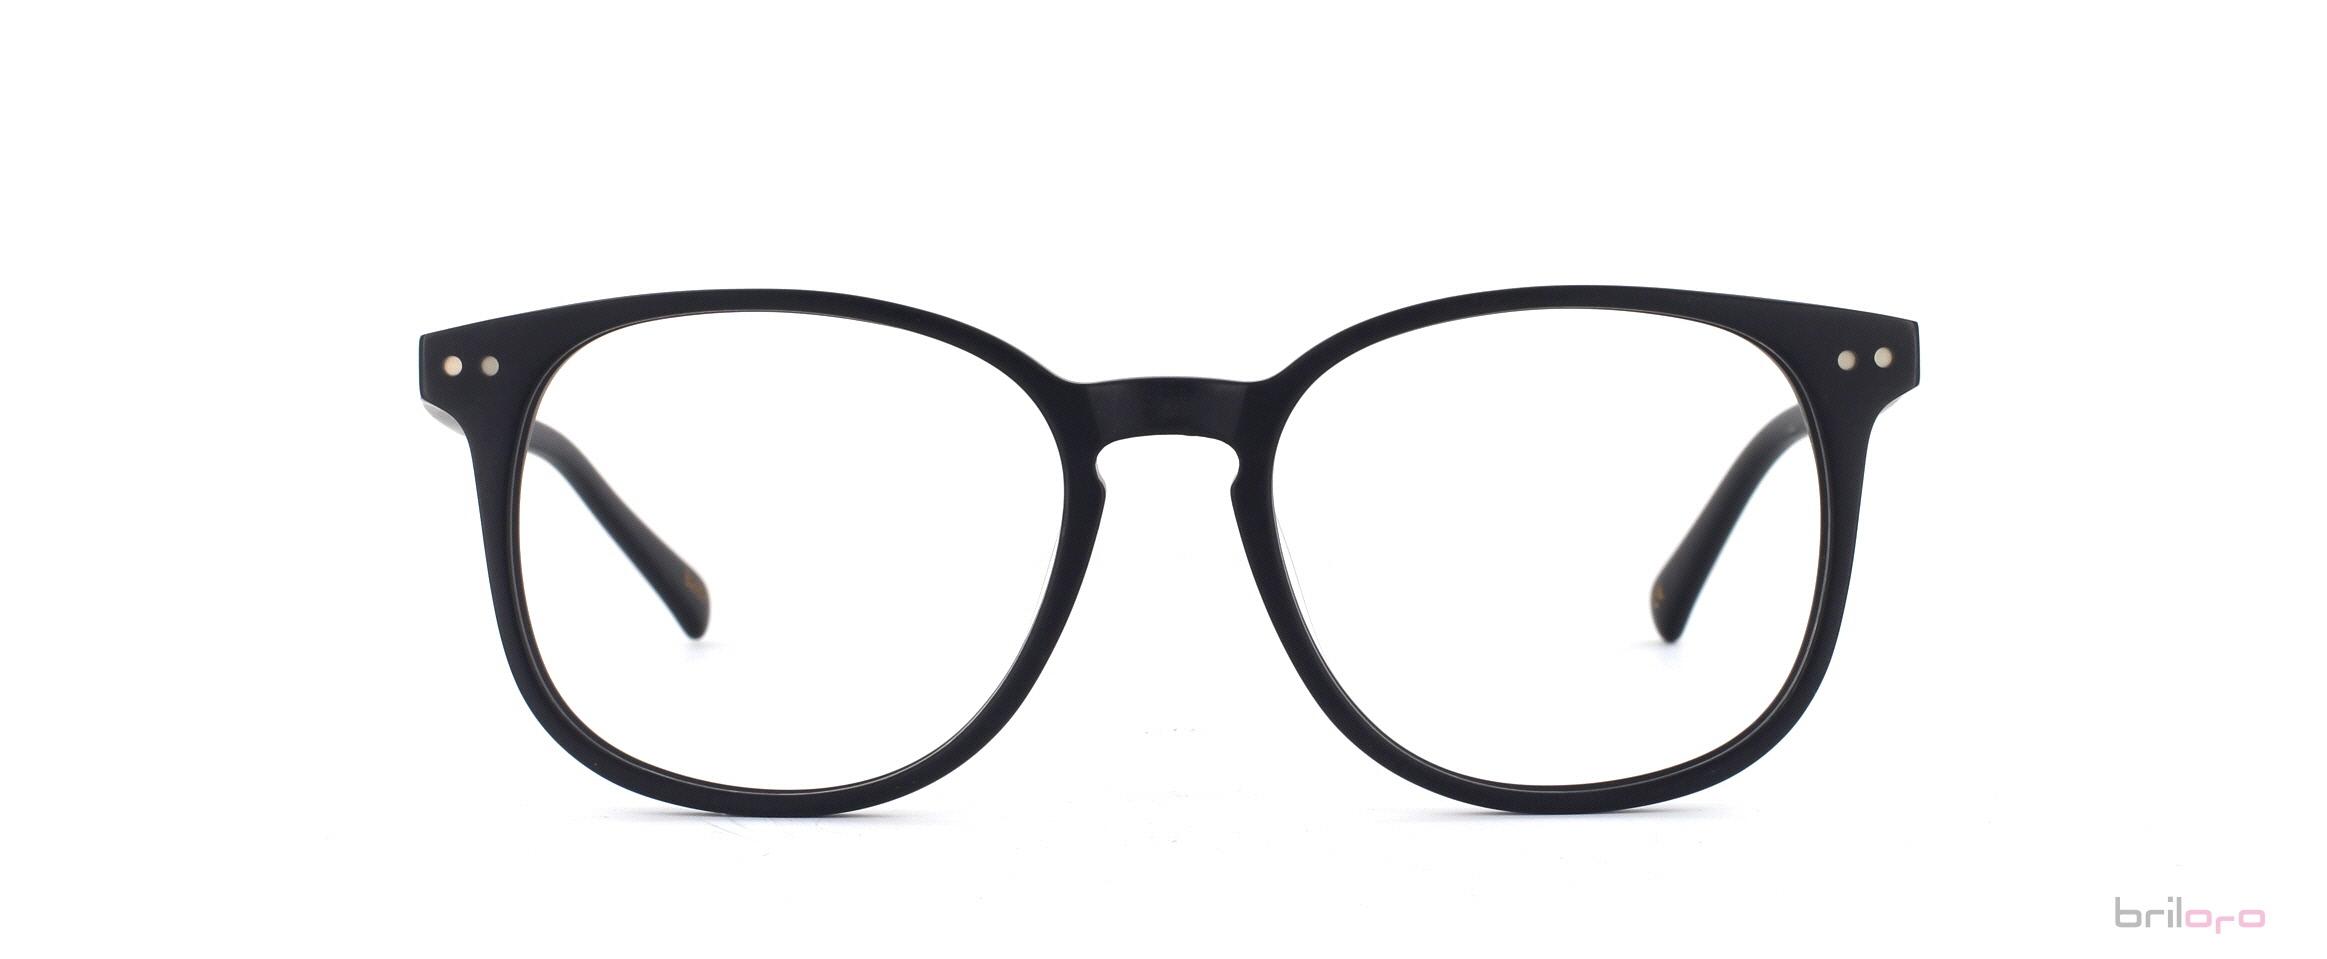 Welche Brille Passt Zu Mir